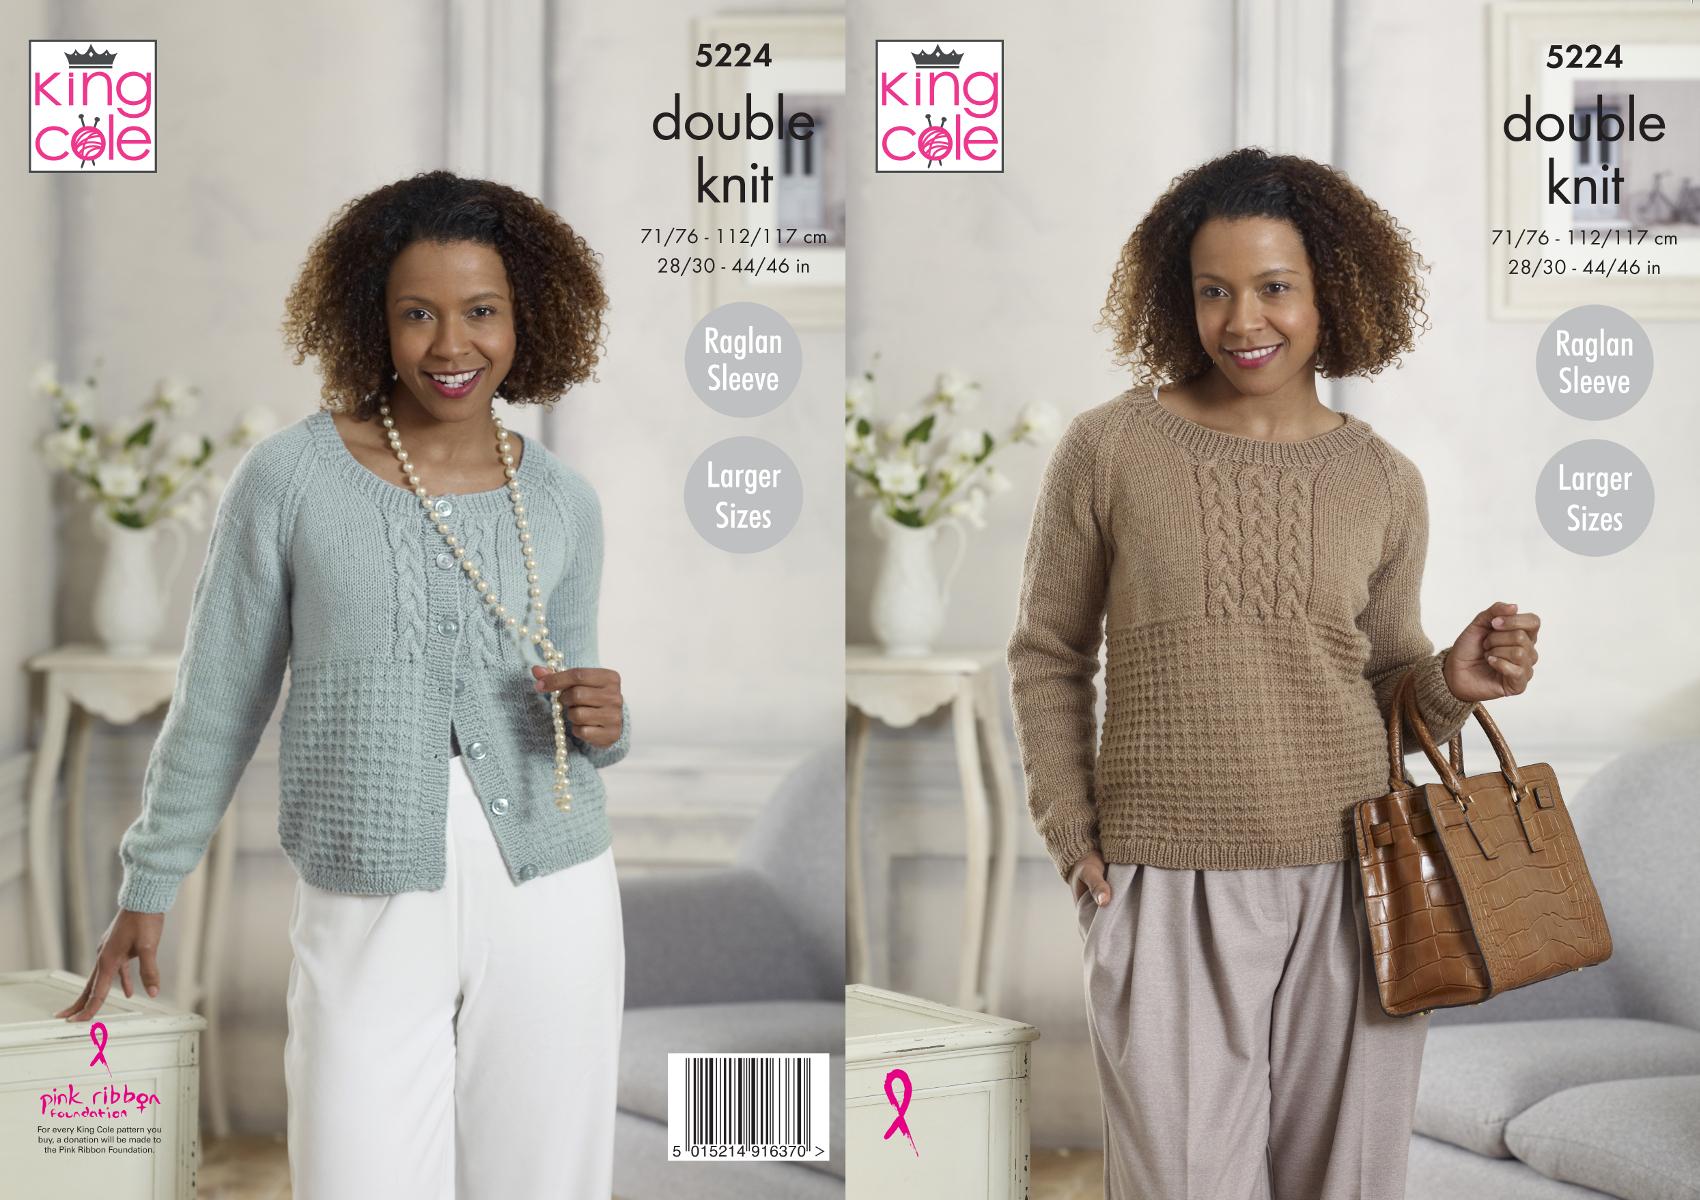 King Cole Ladies Cardigan /& Sweater Country Tweed Knitt... Free UK P/&P